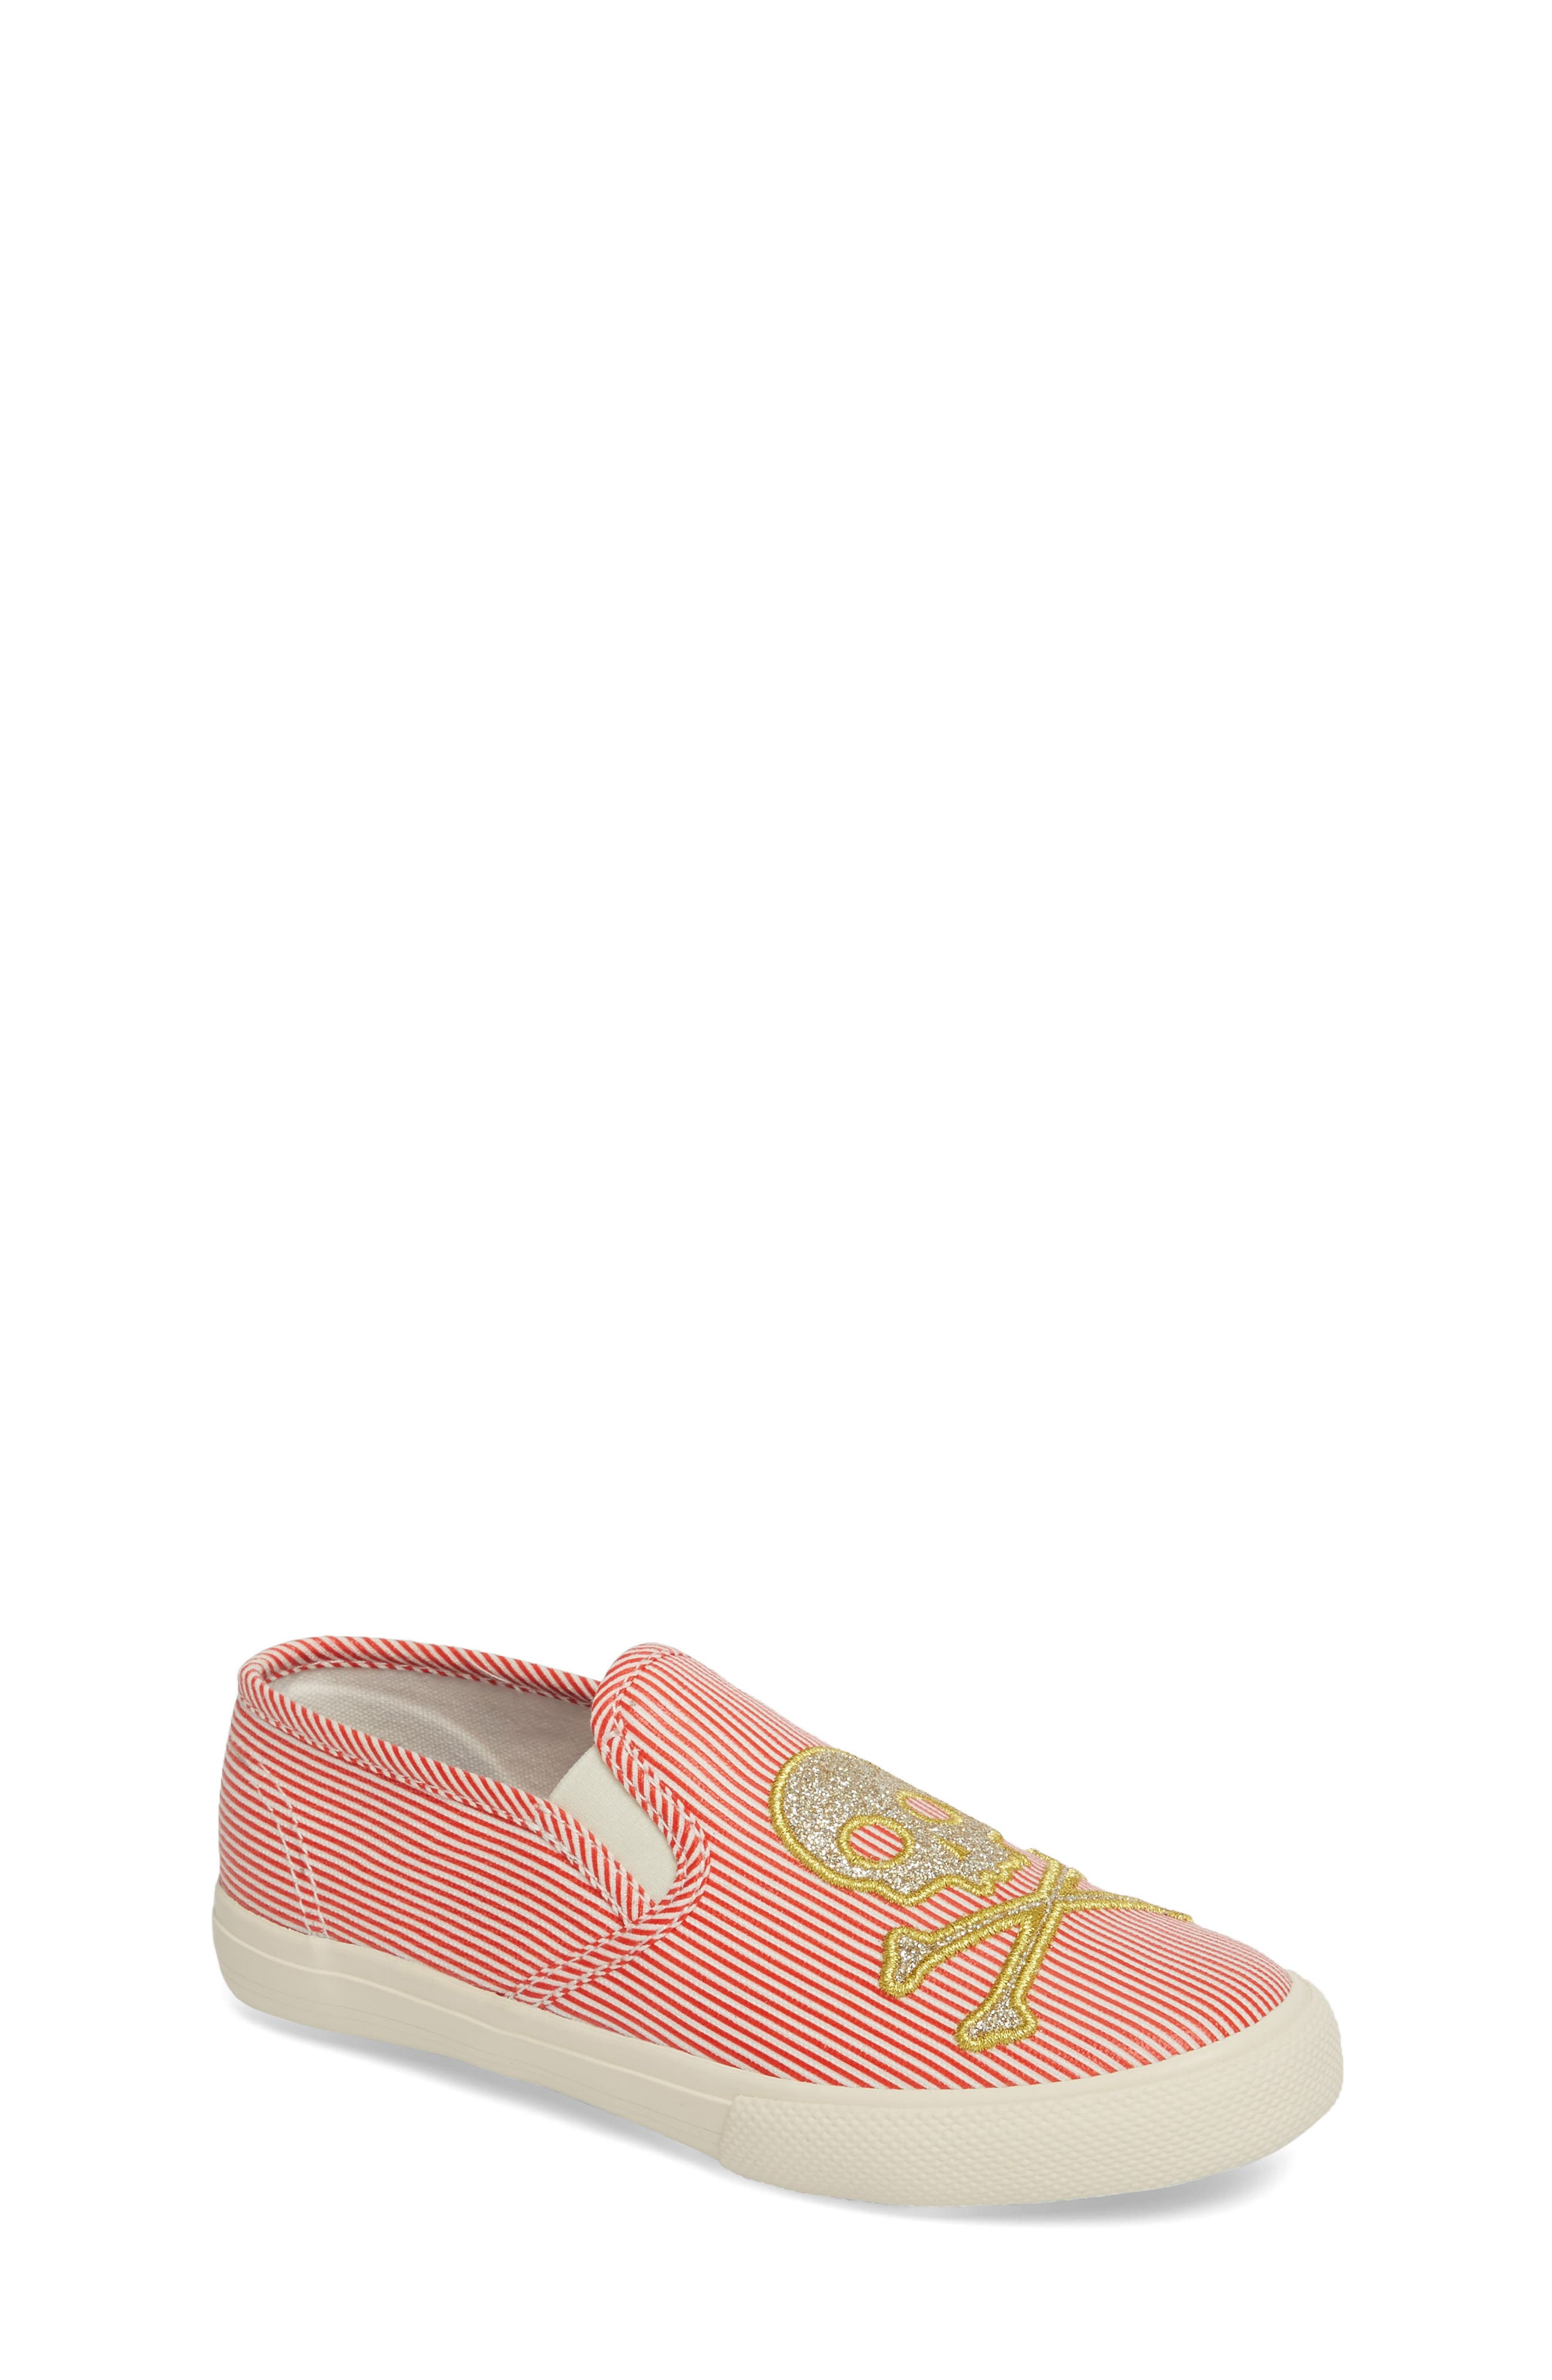 Boden Embroidered Slip-On Sneaker (Toddler & Little Kid)